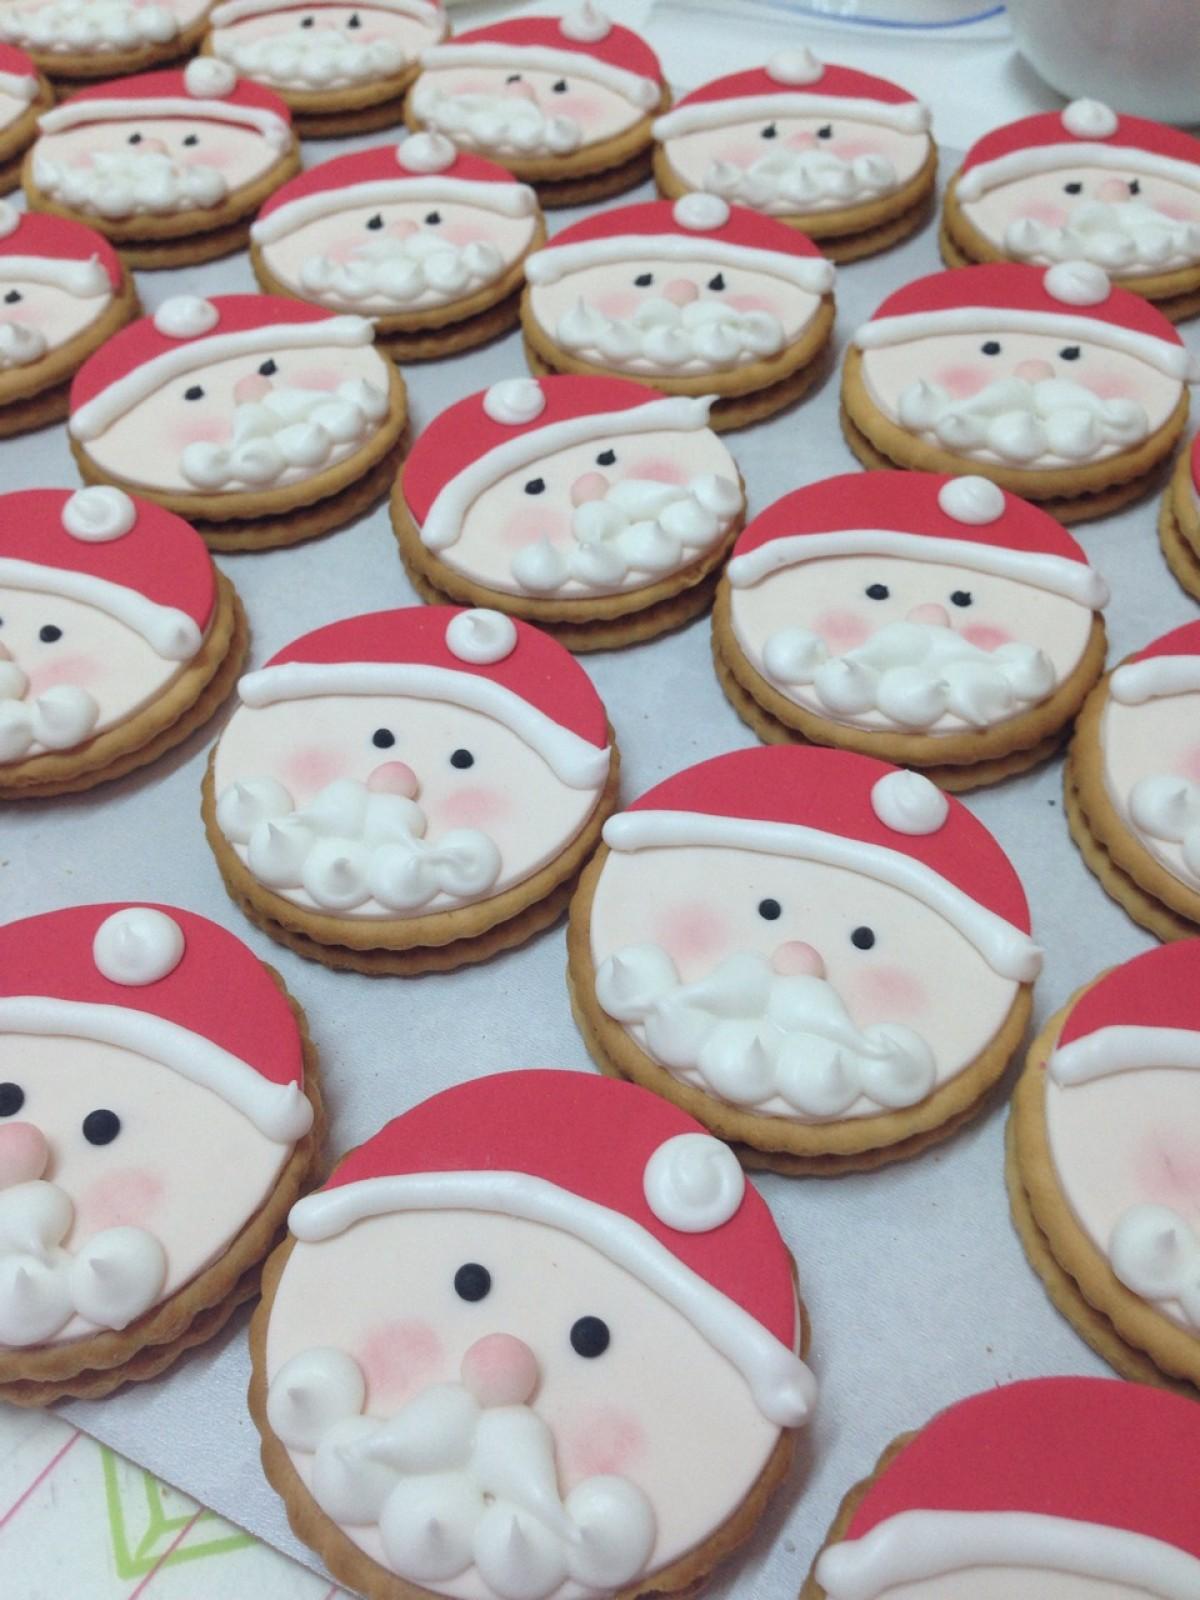 Φτιάξτε και σεις μπισκοτάκια Άγιος Βασίλης!